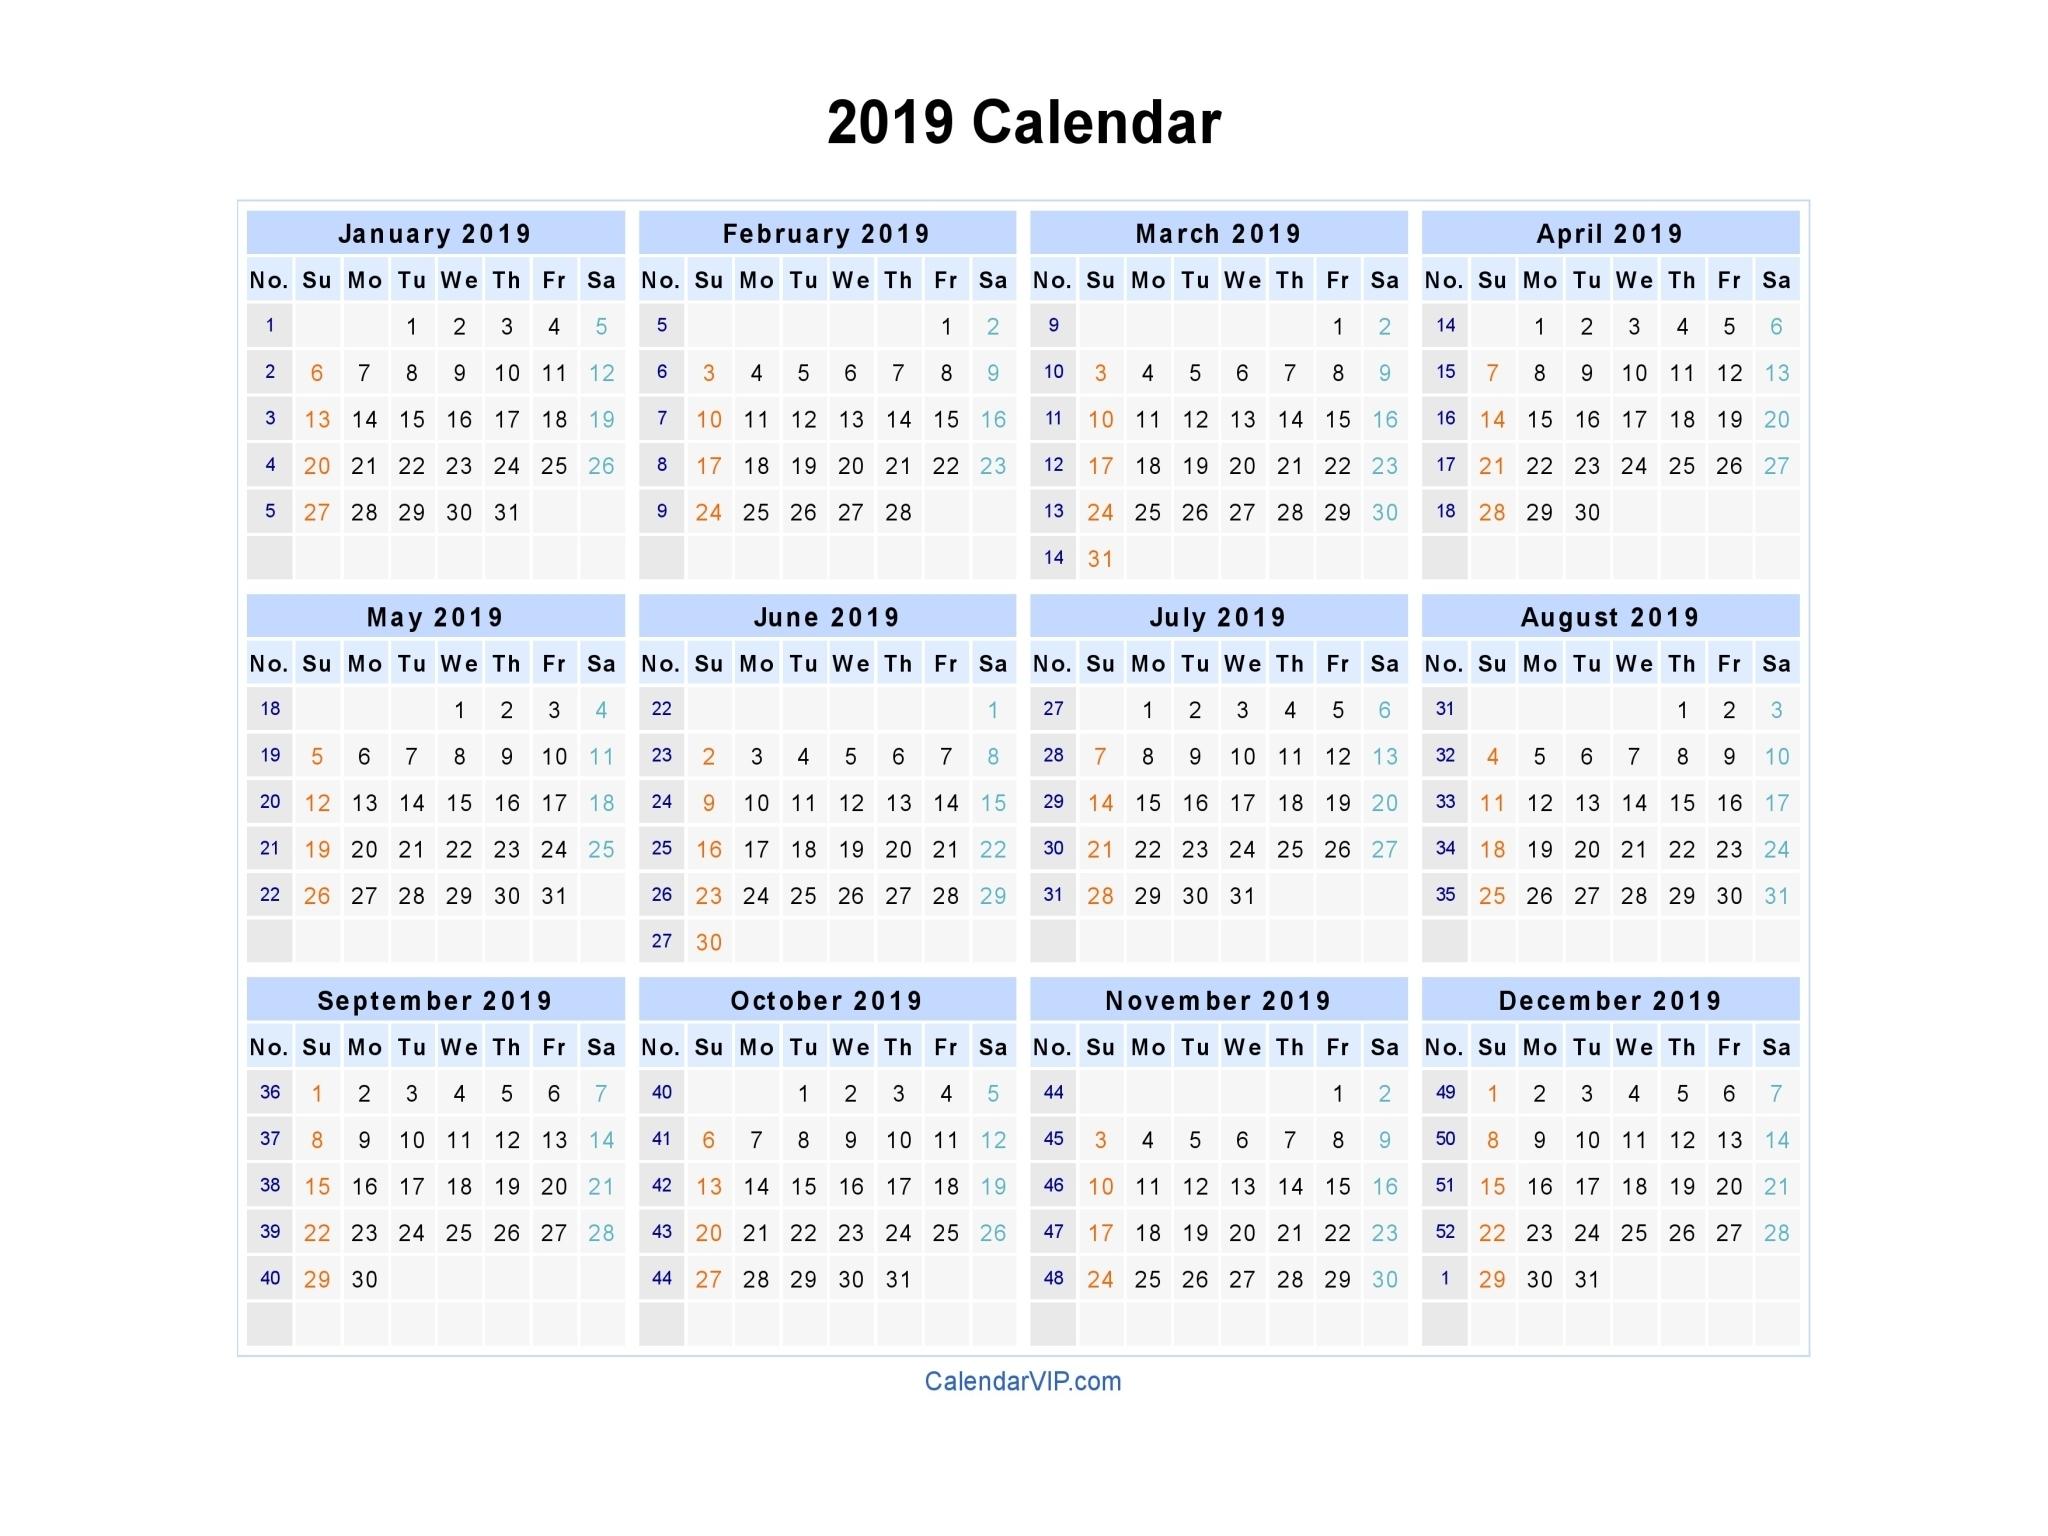 2019 Calendar - Blank Printable Calendar Template In Pdf throughout 2020 Calendar With Week Numbers Printable